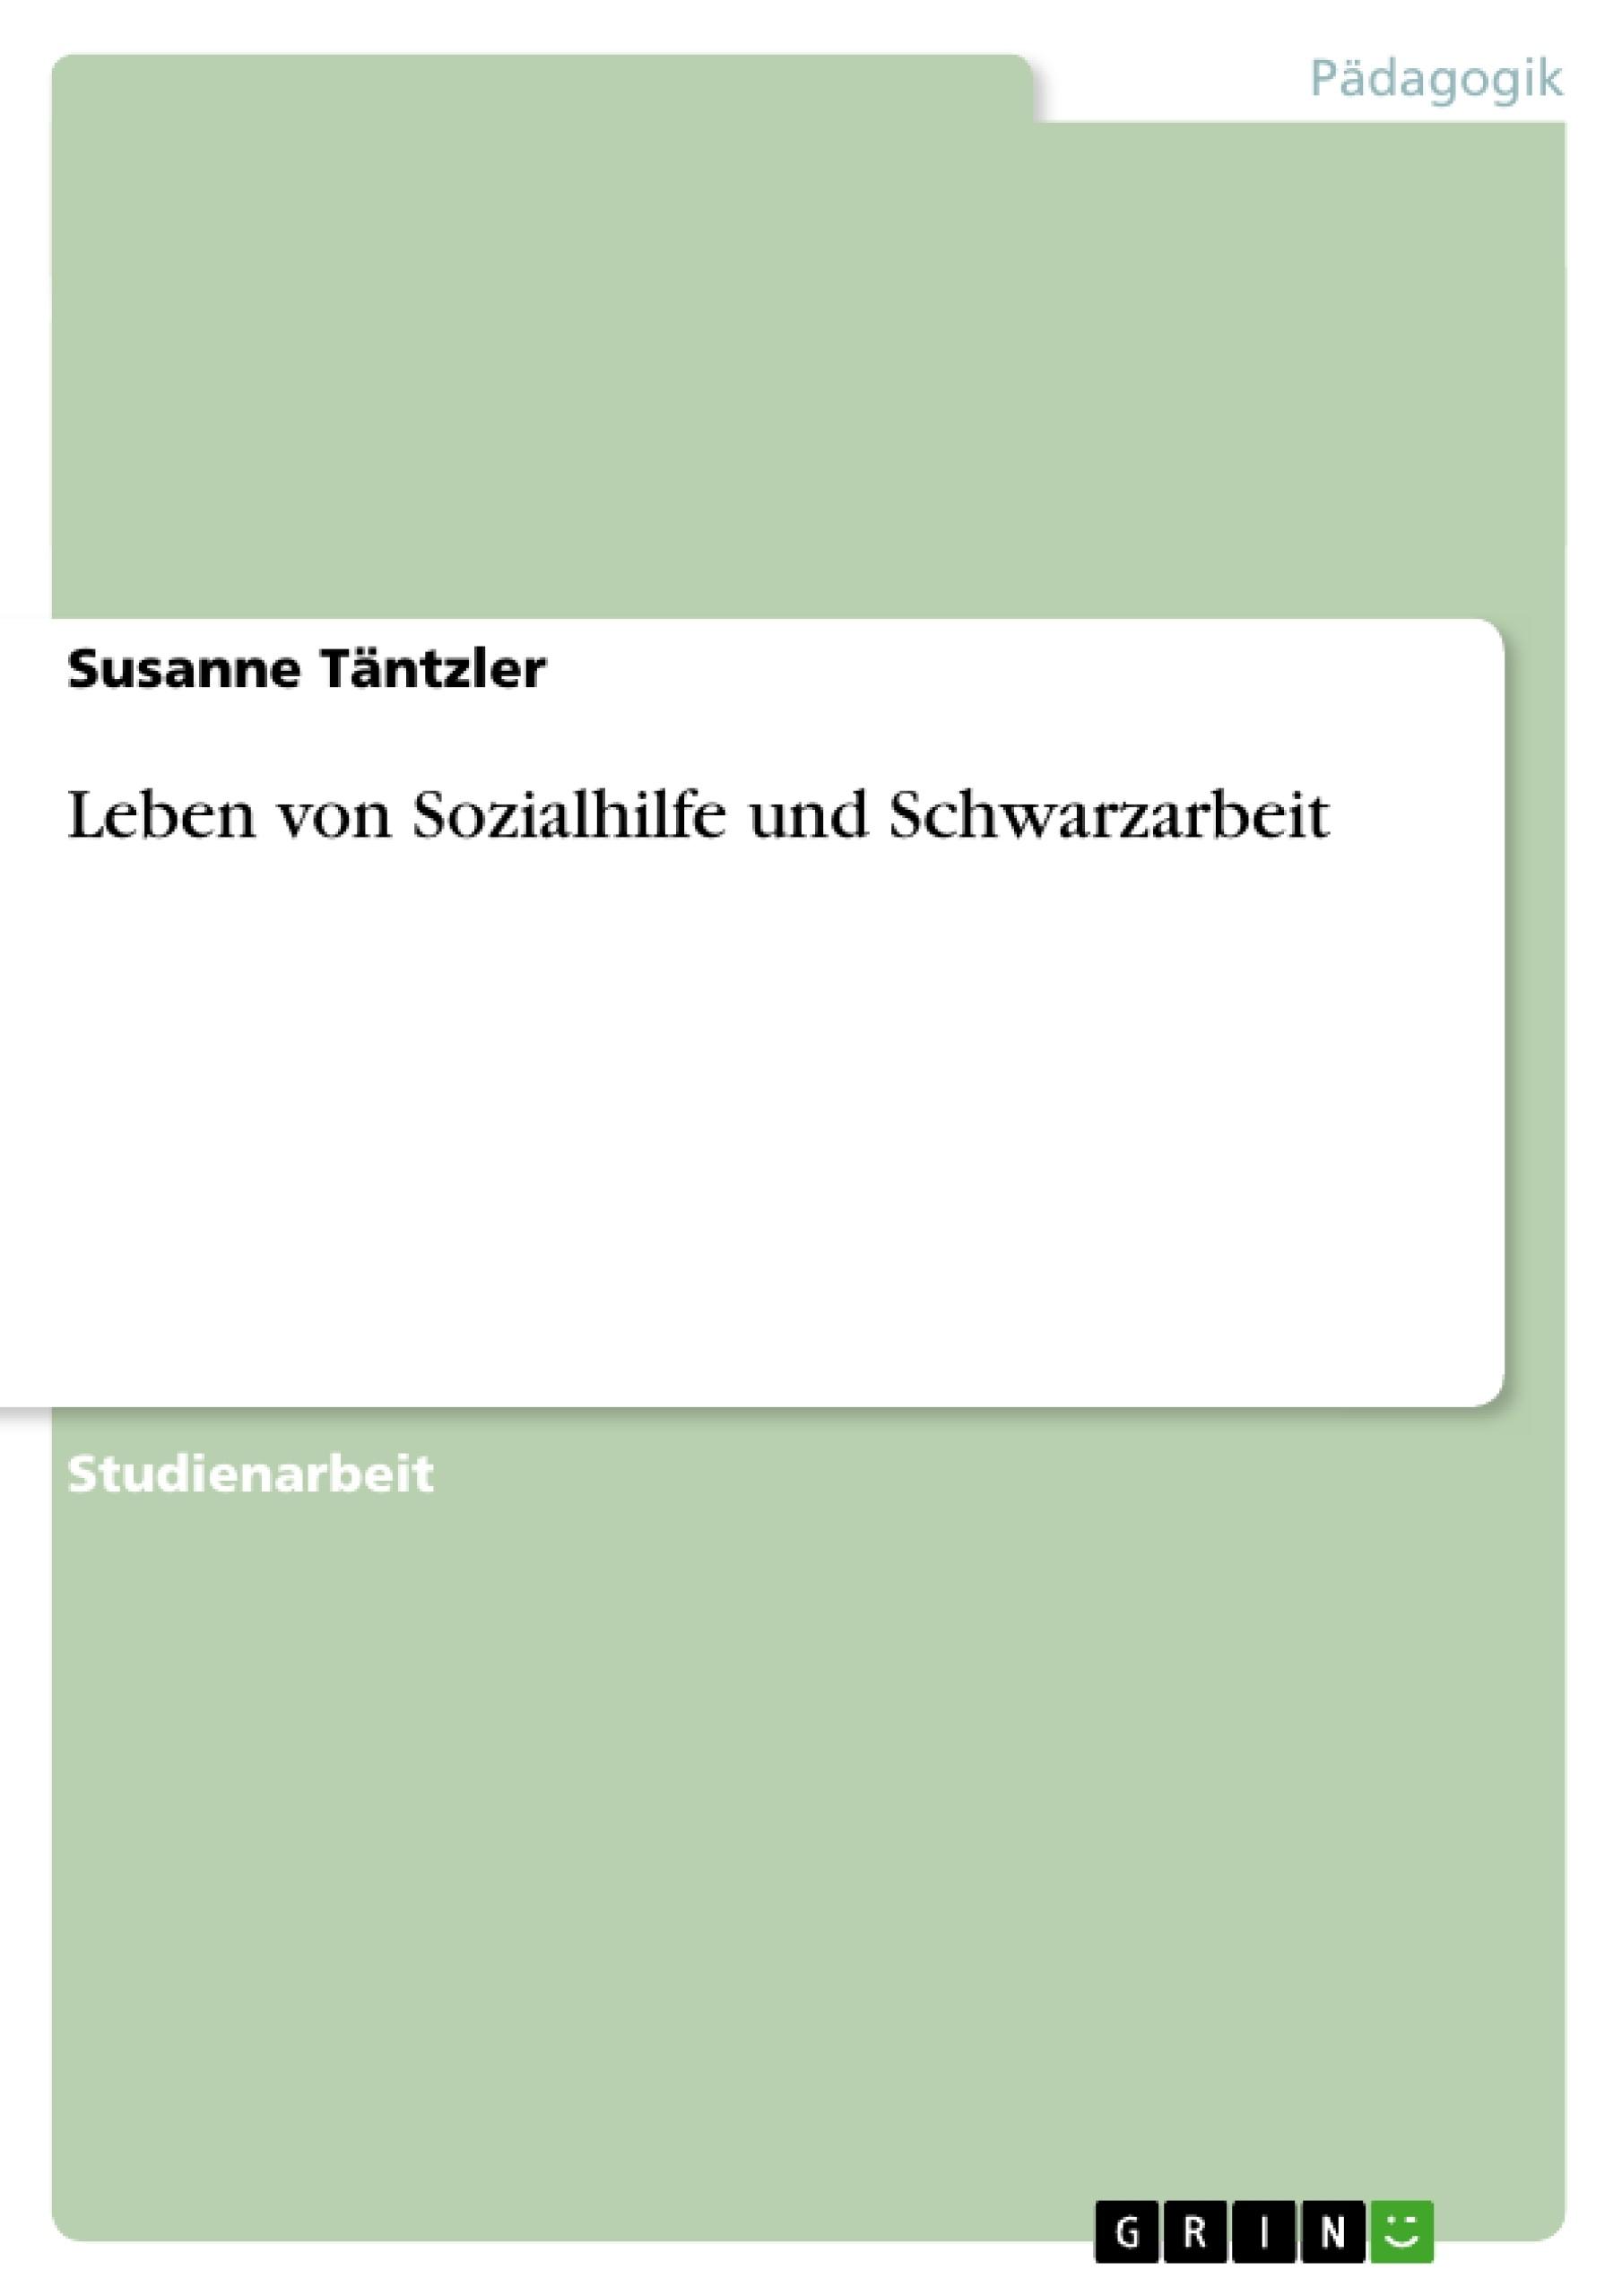 Titel: Leben von Sozialhilfe und Schwarzarbeit